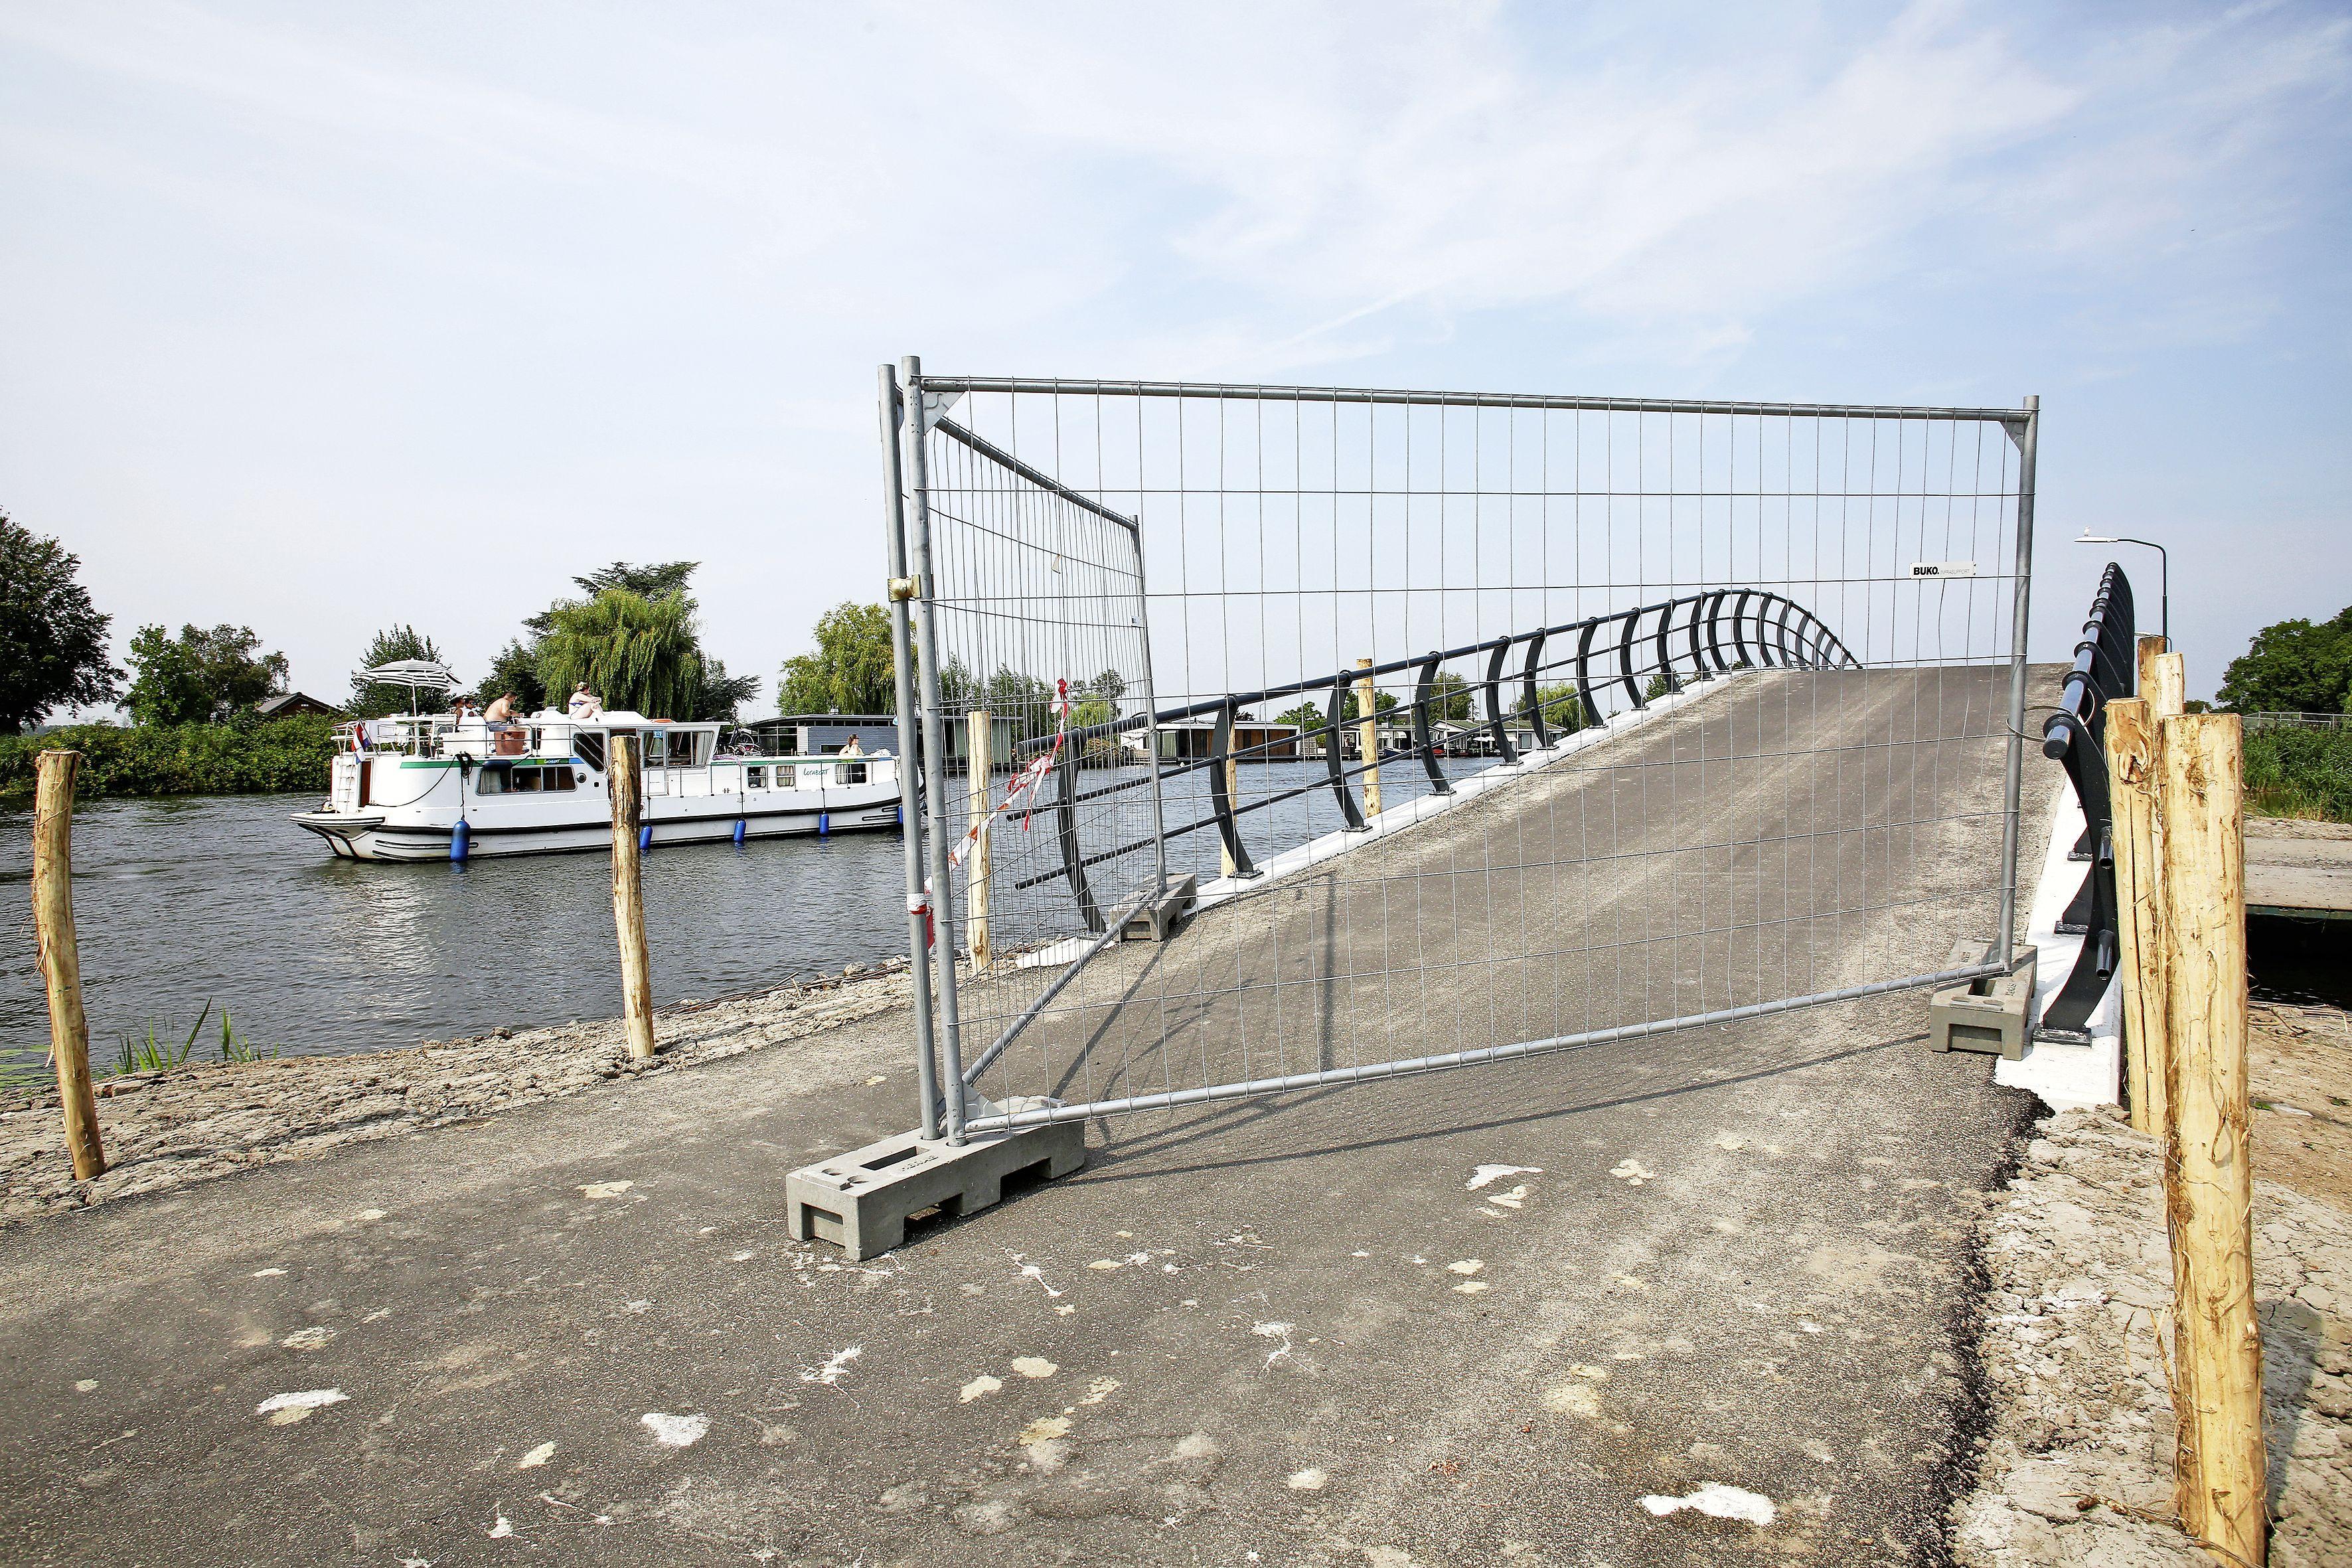 Verkeer over Bergseweg in Vreeland nog steeds onmogelijk; Stichtse Vecht en projectontwikkelaar steggelen over steile boogbrug: 'Gemeente wil dat er een nieuwe brug komt, maar zo werkt het niet'